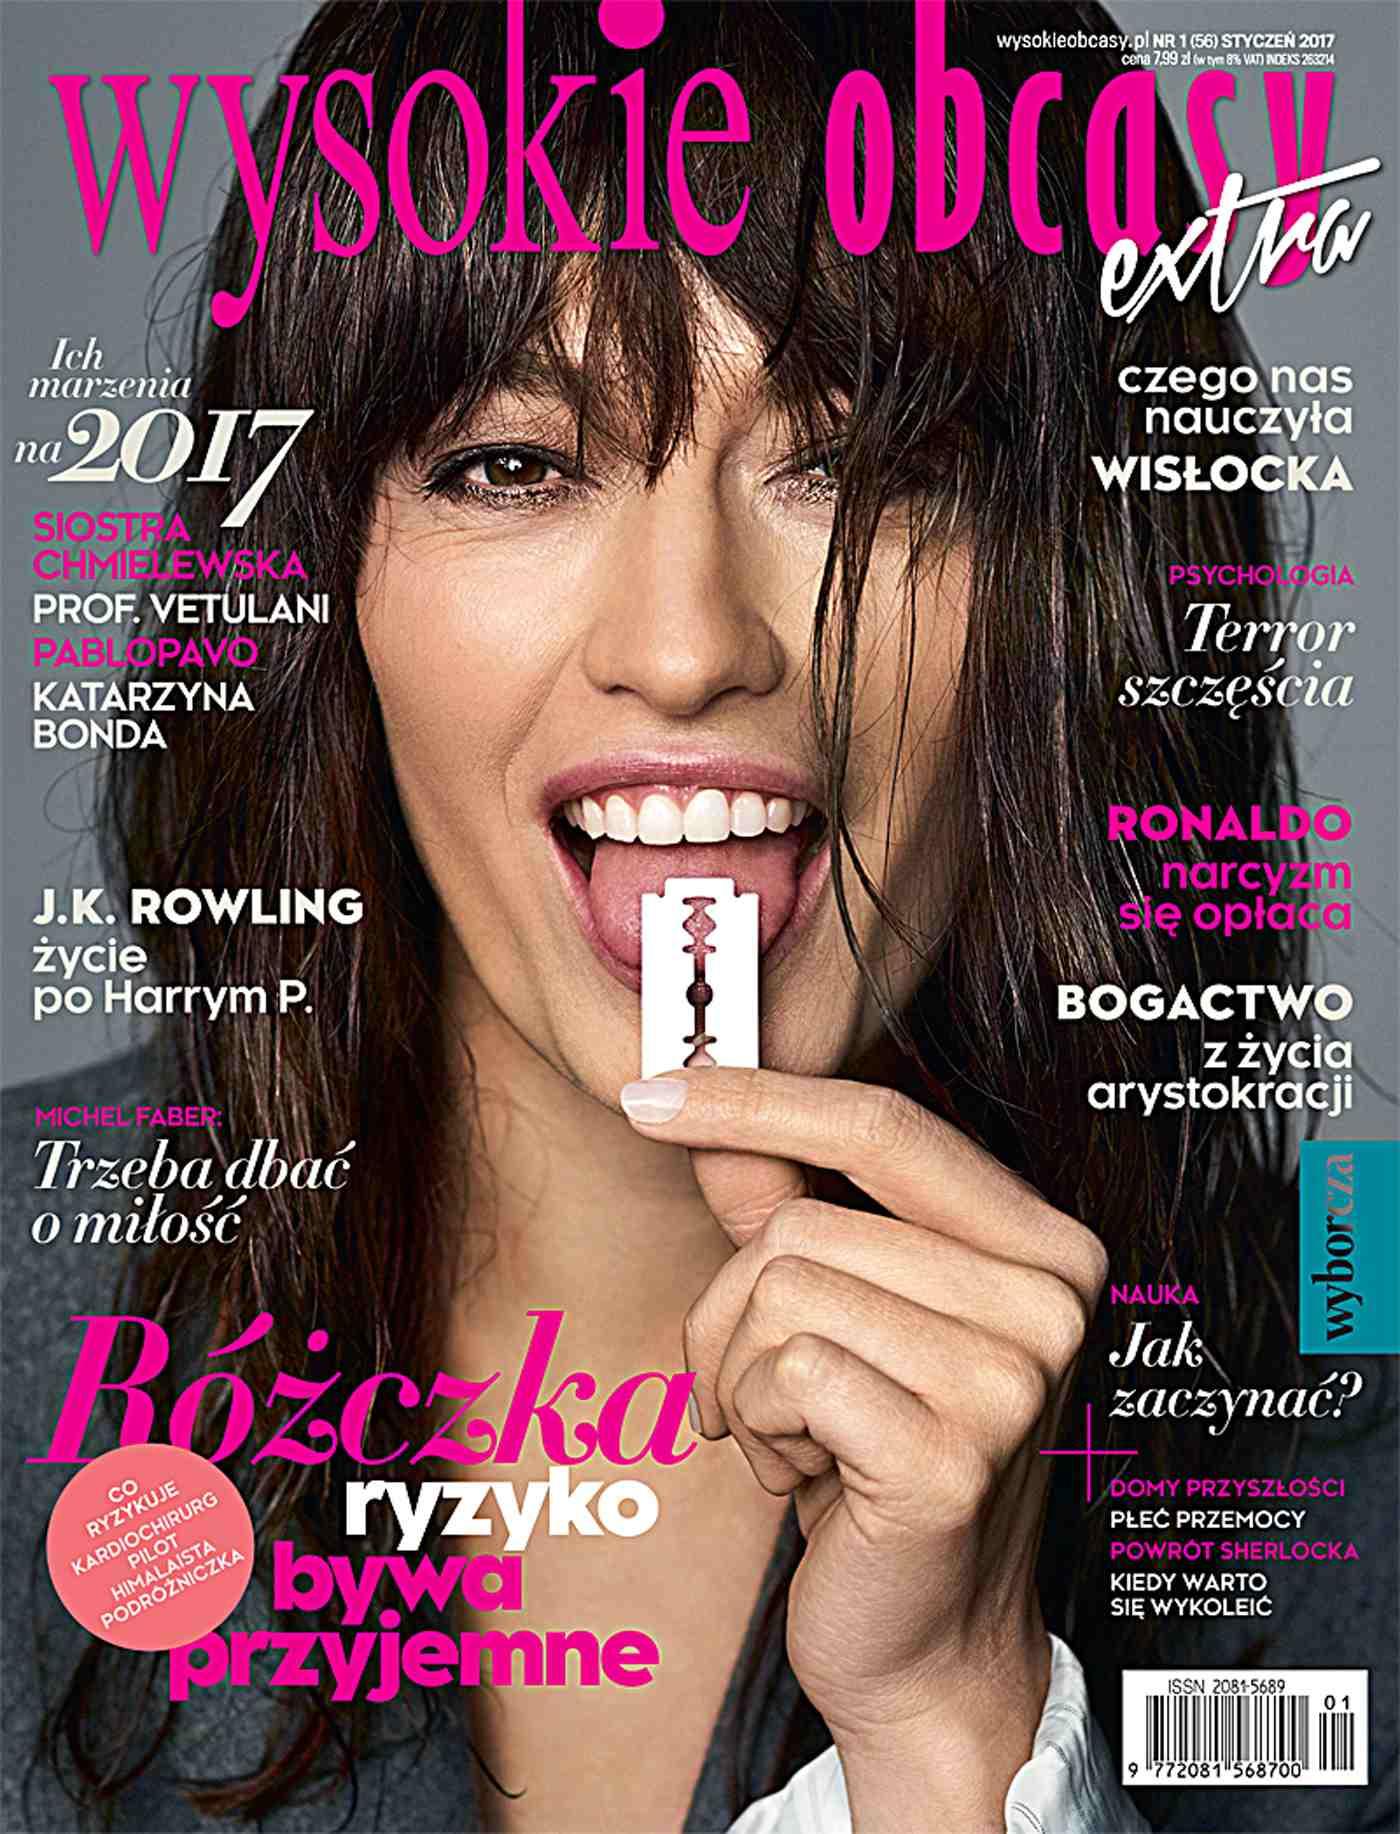 Wysokie Obcasy Extra 1/2017 - Ebook (Książka EPUB) do pobrania w formacie EPUB